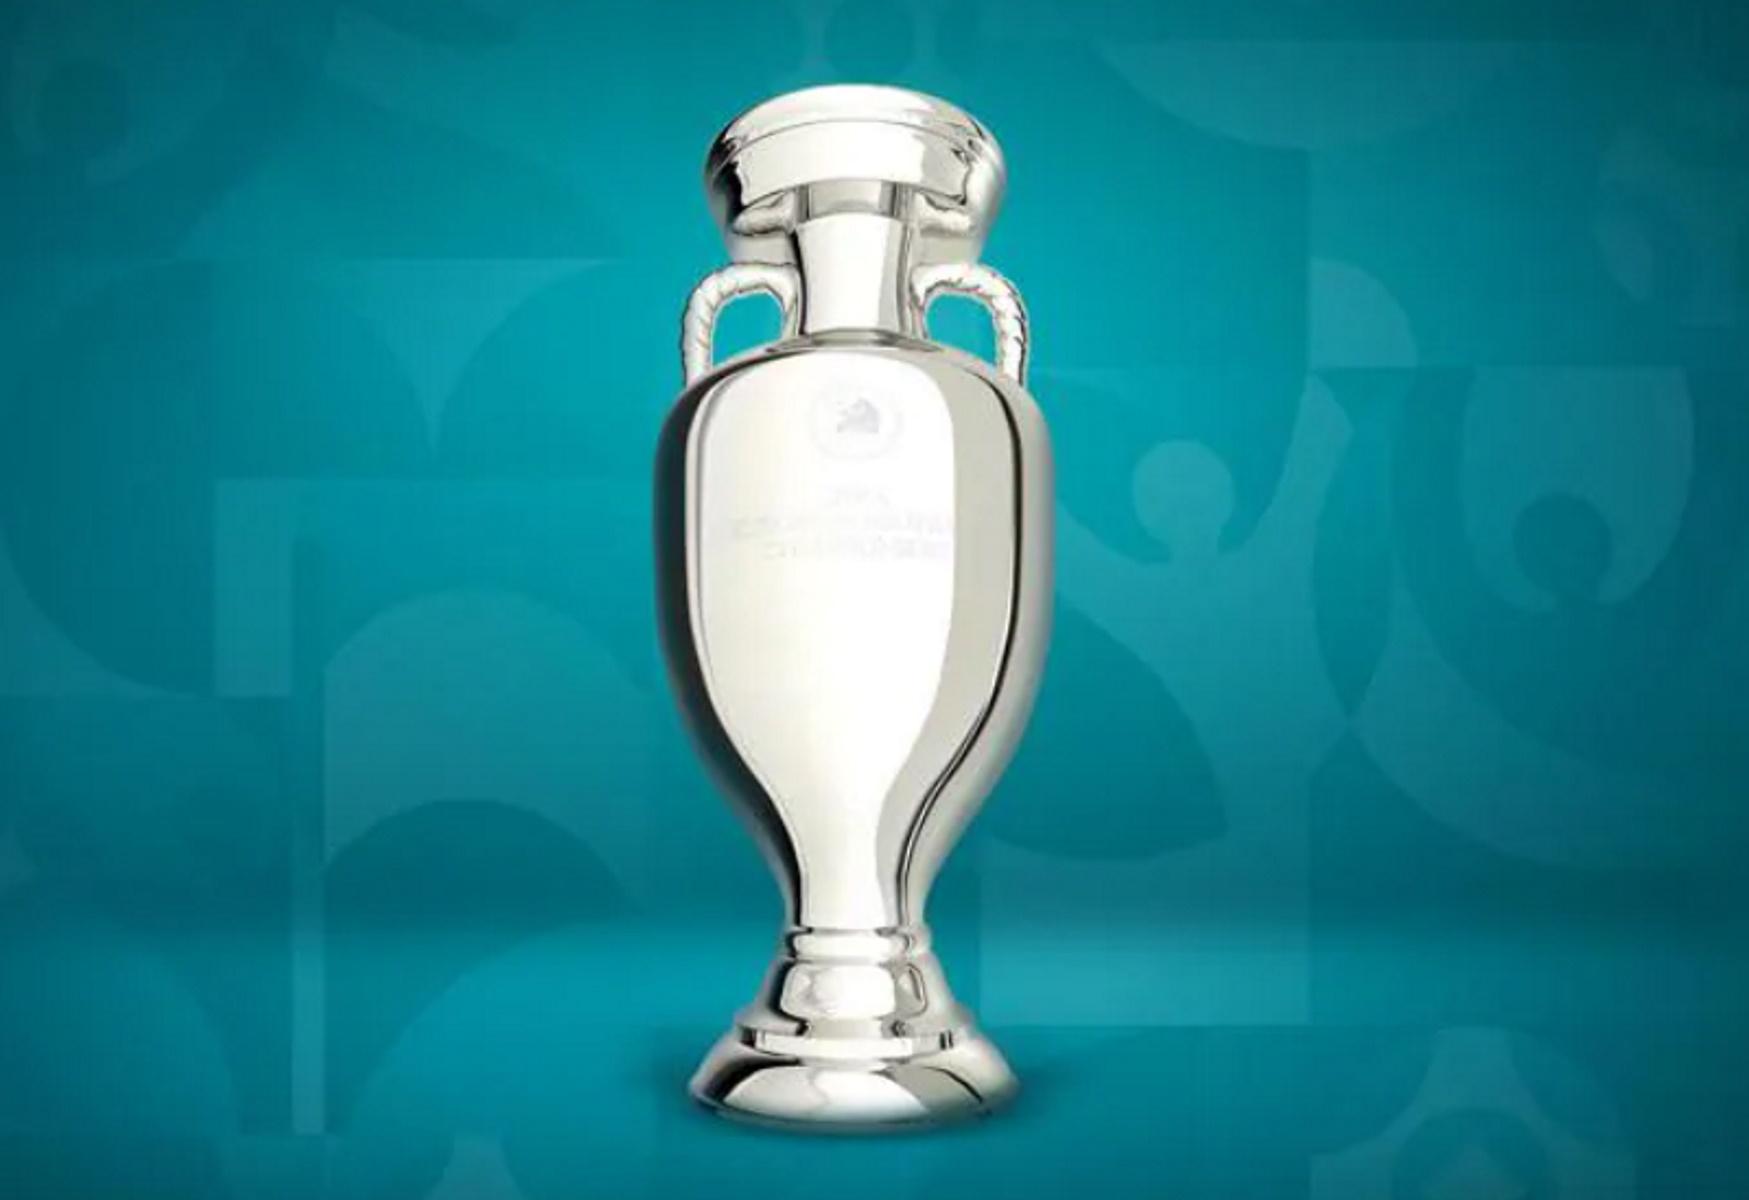 UEFA: Σκέψεις για μεγάλη αλλαγή στο Euro 2021 – Ο κορονοϊός το στέλνει στη Ρωσία;